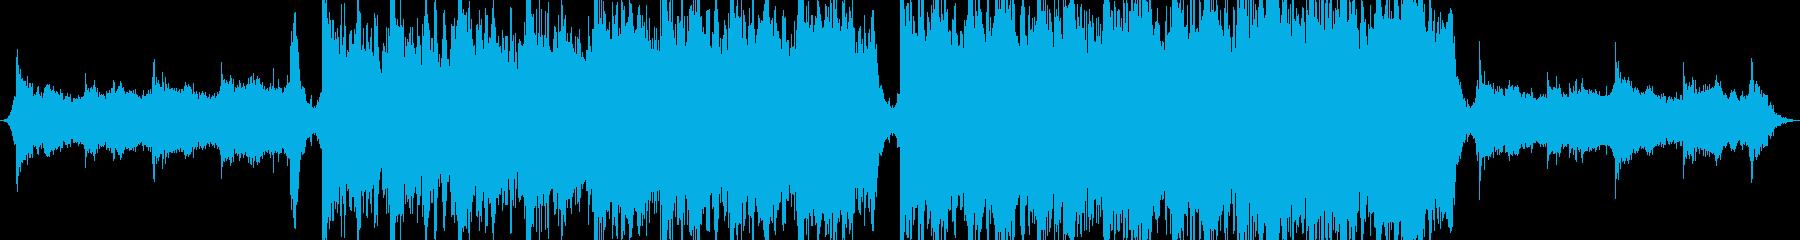 弦楽器を使用したオーケストラ音楽の再生済みの波形